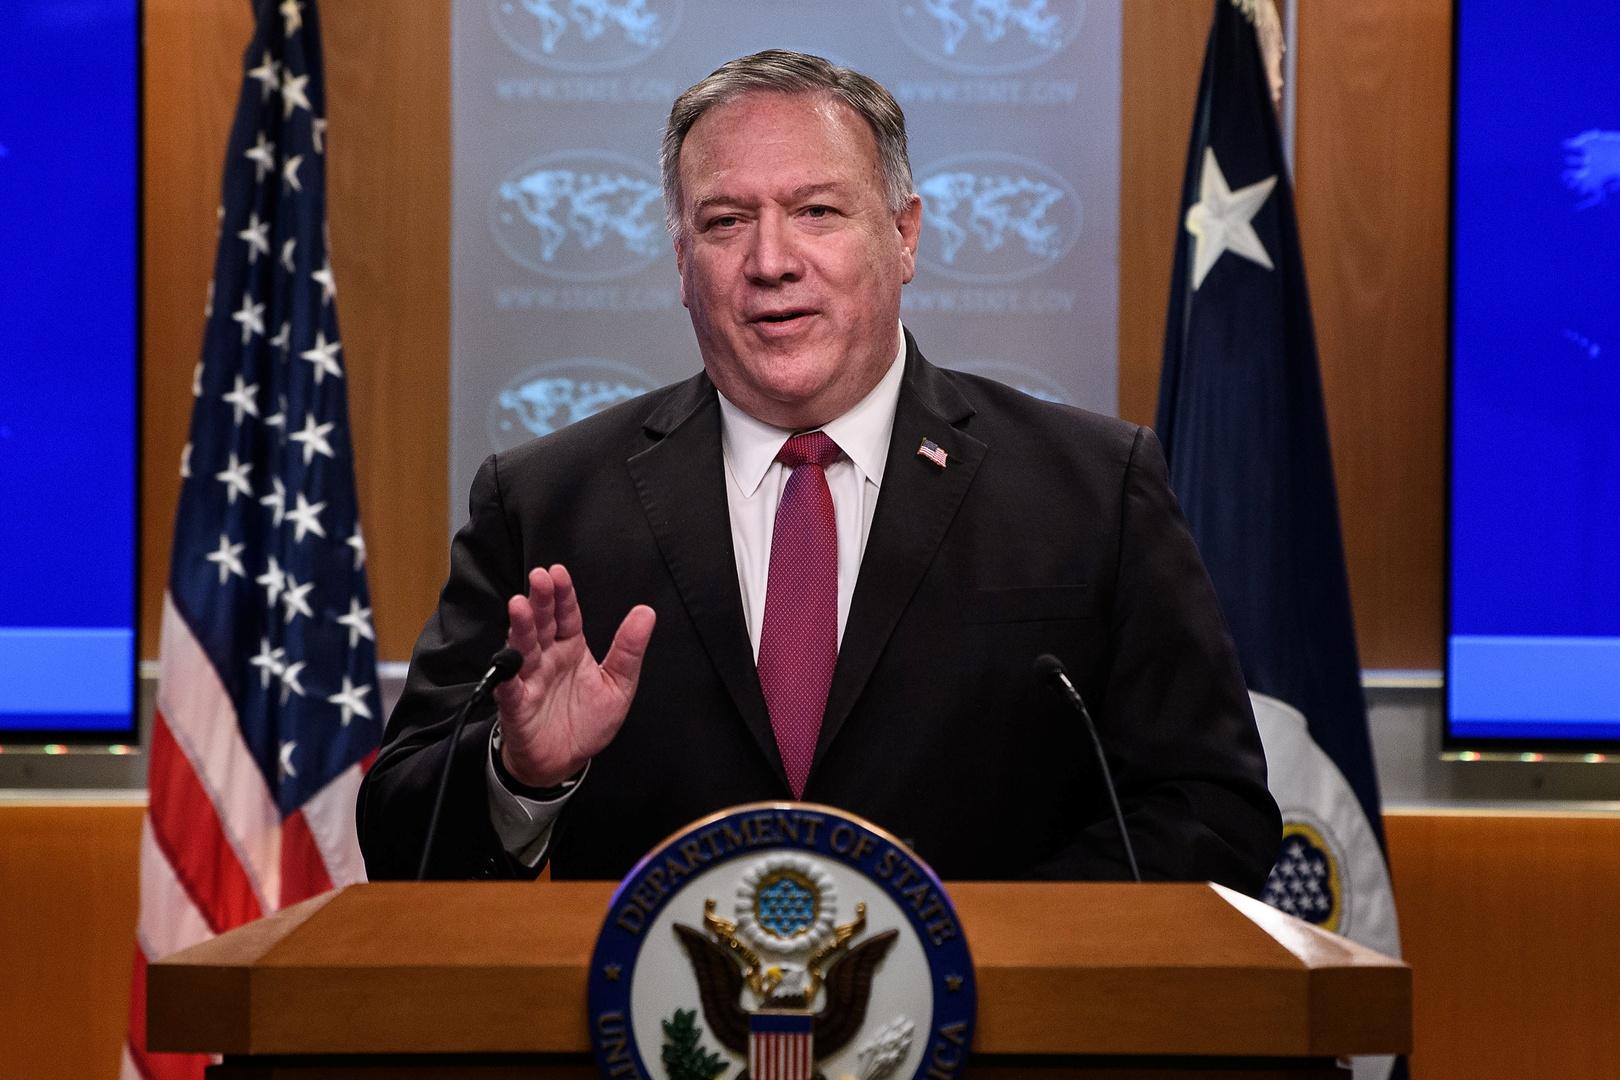 بومبيو يعلن أن سوريا رفضت طلبا قدمته الولايات المتحدة خلال